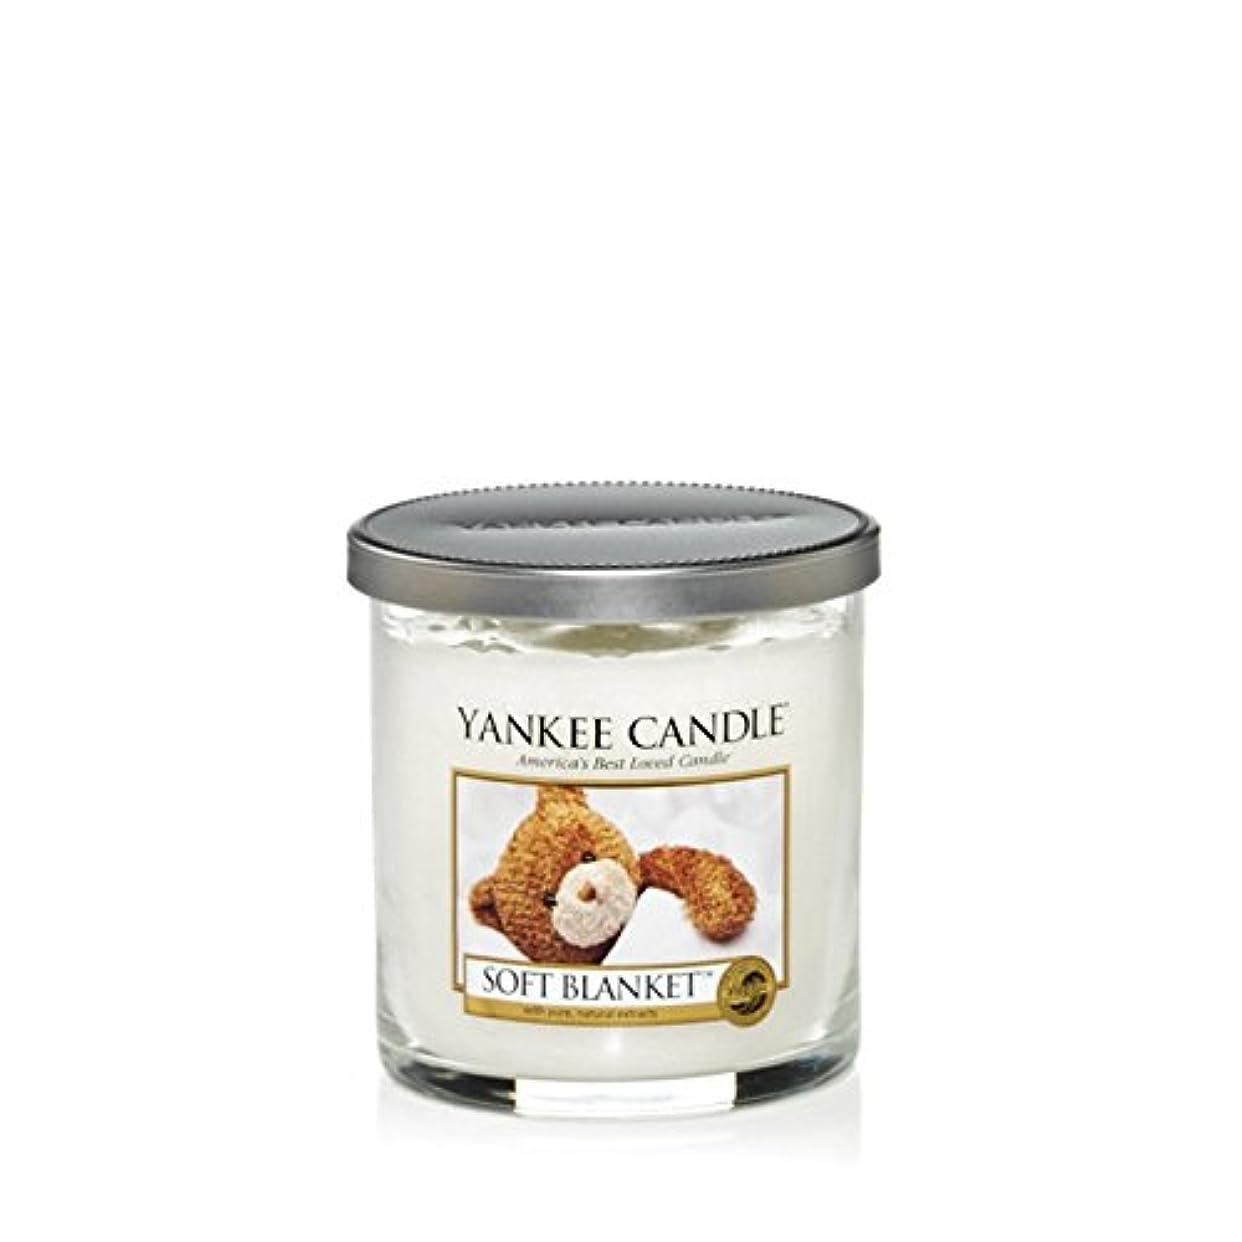 圧倒的四分円岸Yankee Candles Small Pillar Candle - Soft Blanket (Pack of 2) - ヤンキーキャンドルの小さな柱キャンドル - ソフト毛布 (x2) [並行輸入品]